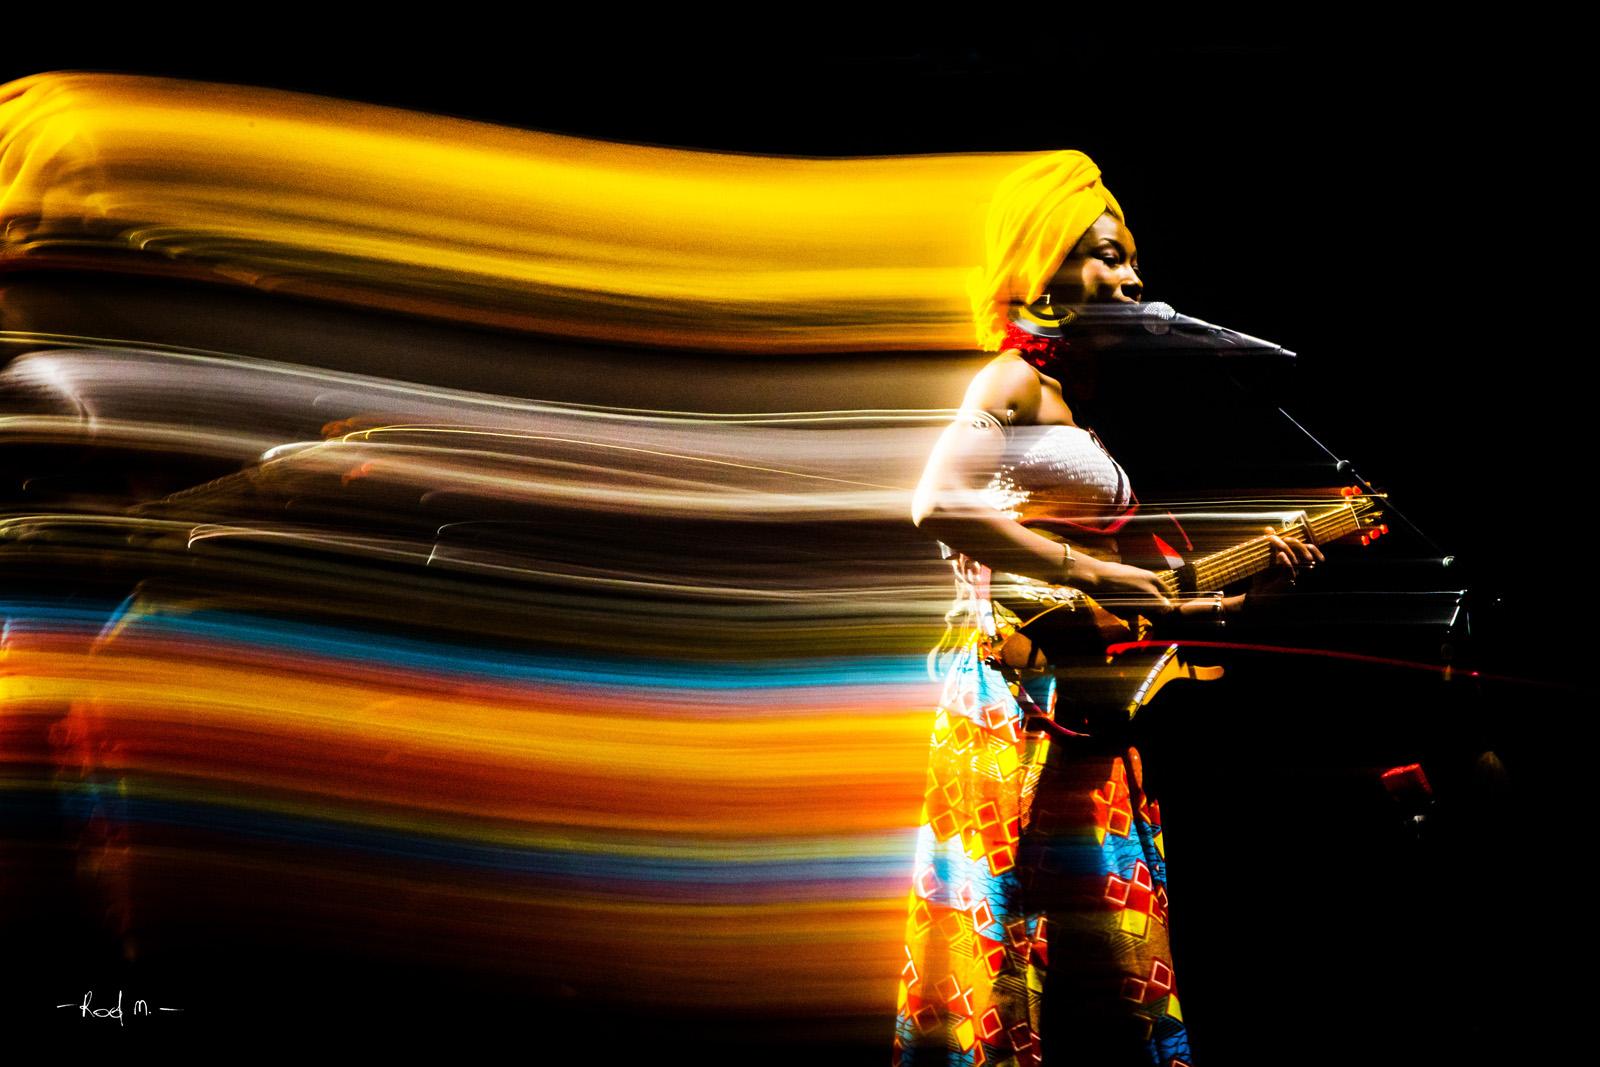 Photo Concert : Fatouma Diawara - Bercy, Paris - 2017  | ©Rod Maurice